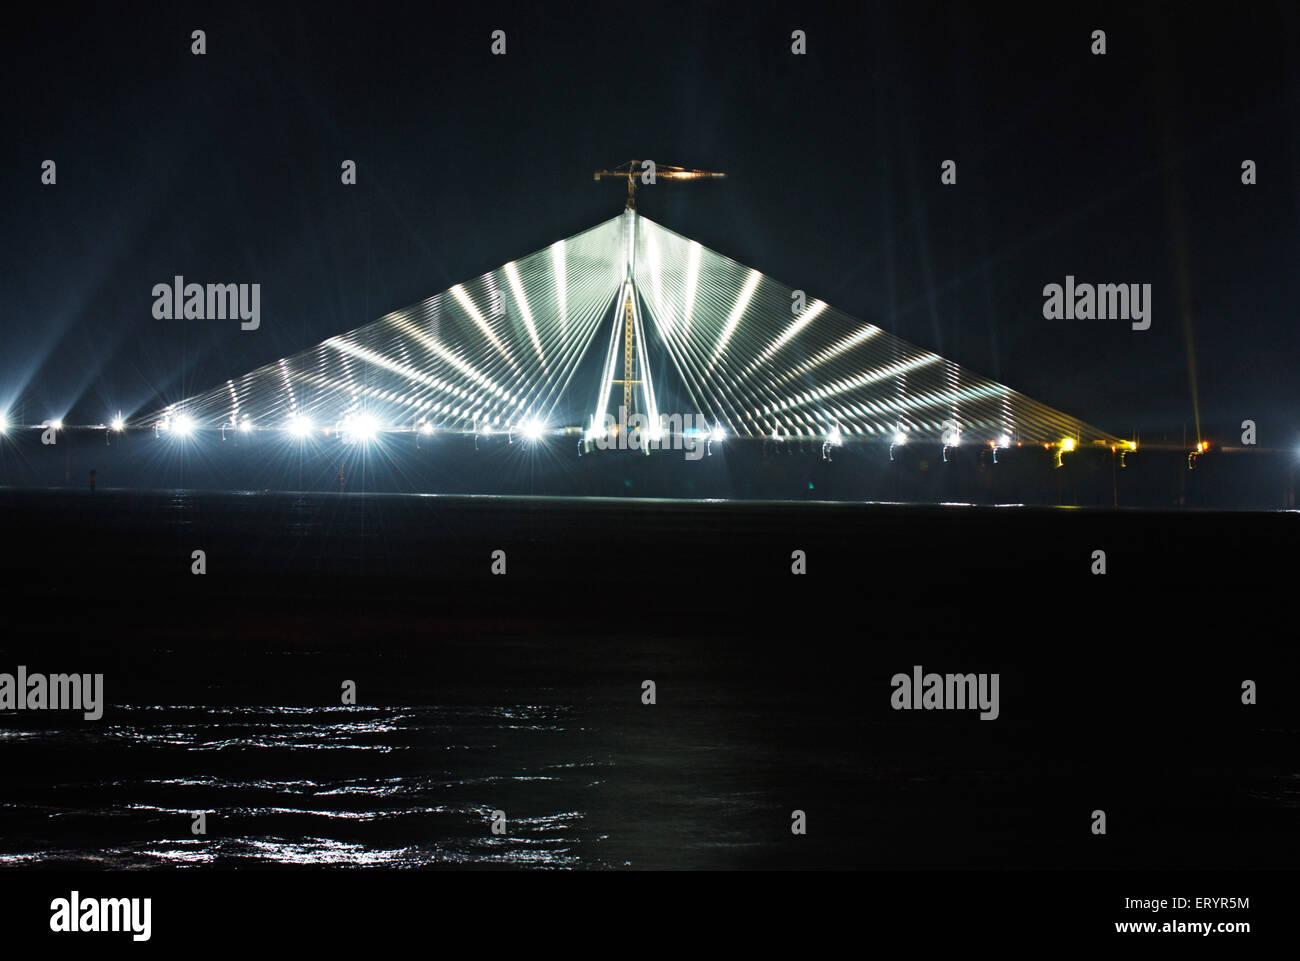 Laser on bandra worli known rajiv gandhi sea link ; Bombay Mumbai ; Maharashtra ; India 29 June 2009 - Stock Image